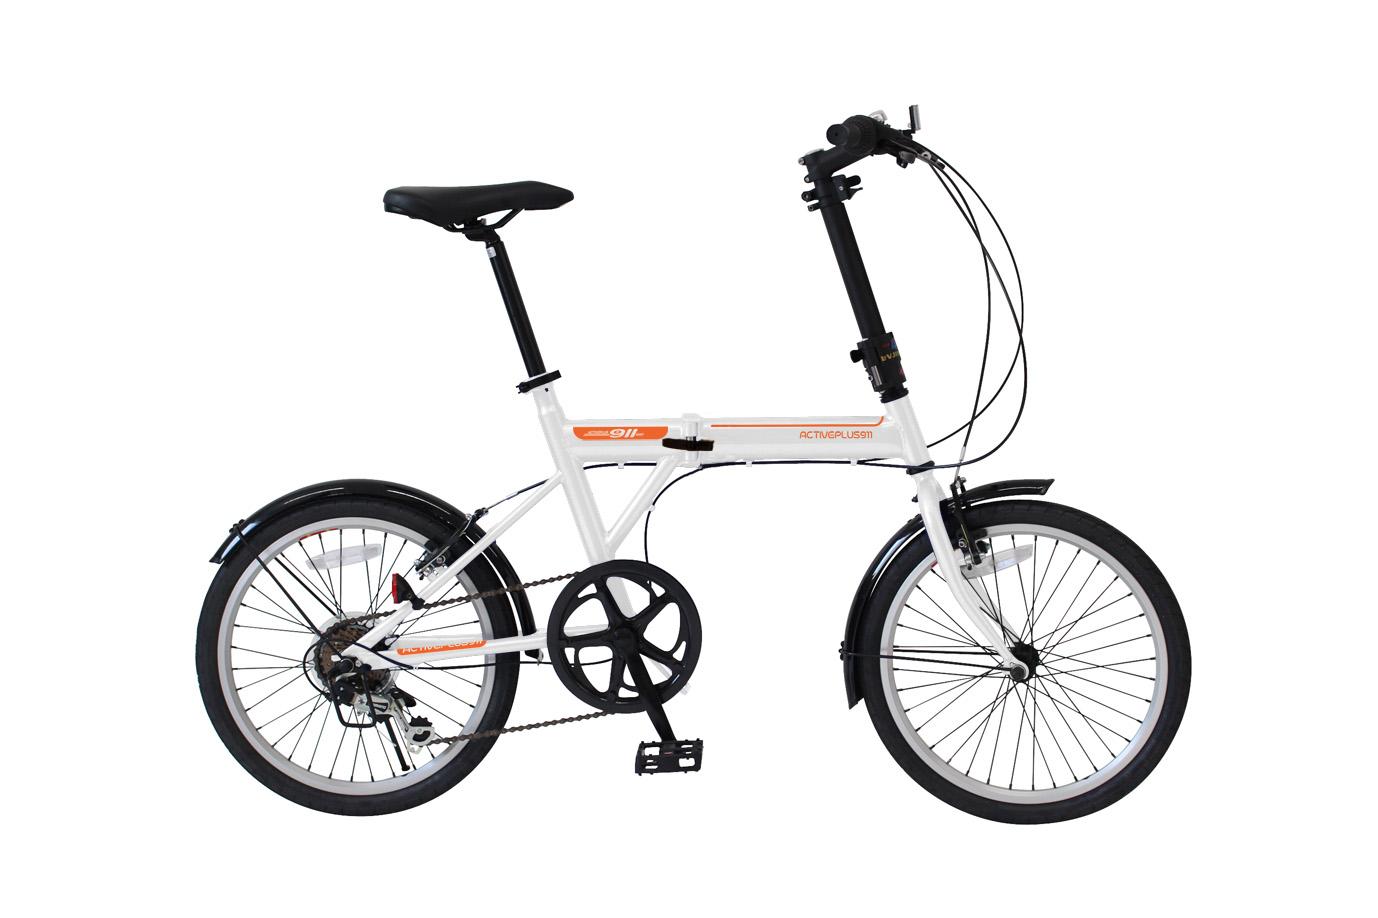 ACTIVEPLUS911 折畳自転車20インチモデル ノーパンクFDB206SF ホワイト MG-G206NF-WH[アクティブプラス 自転車][ミムゴ MIMUGO][激安自転車 通販]05P27May16